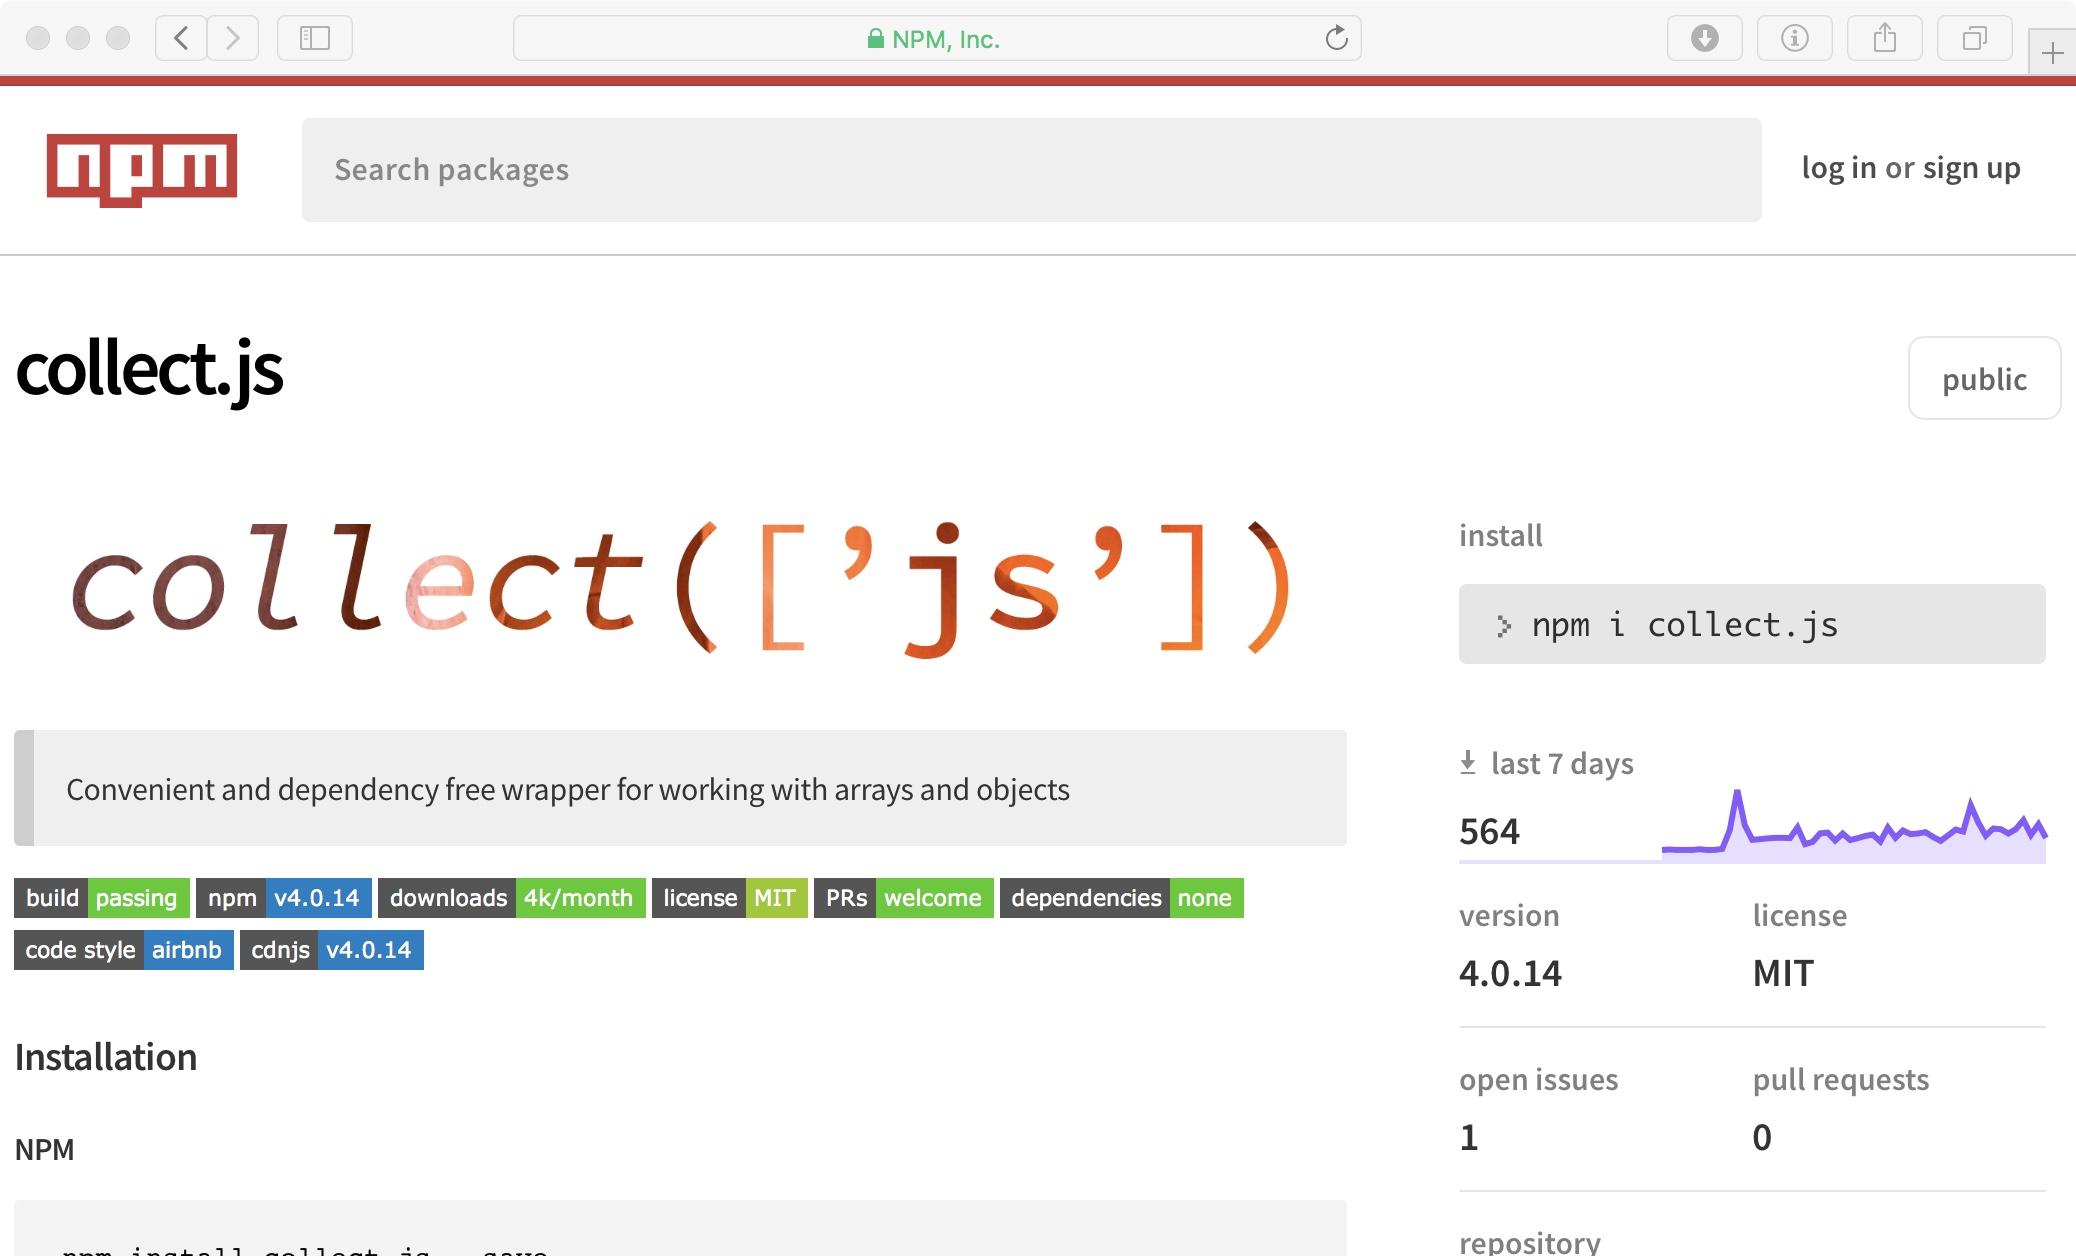 التعامل مع arrays و objects في جافاسكربت باستخدام collect.js